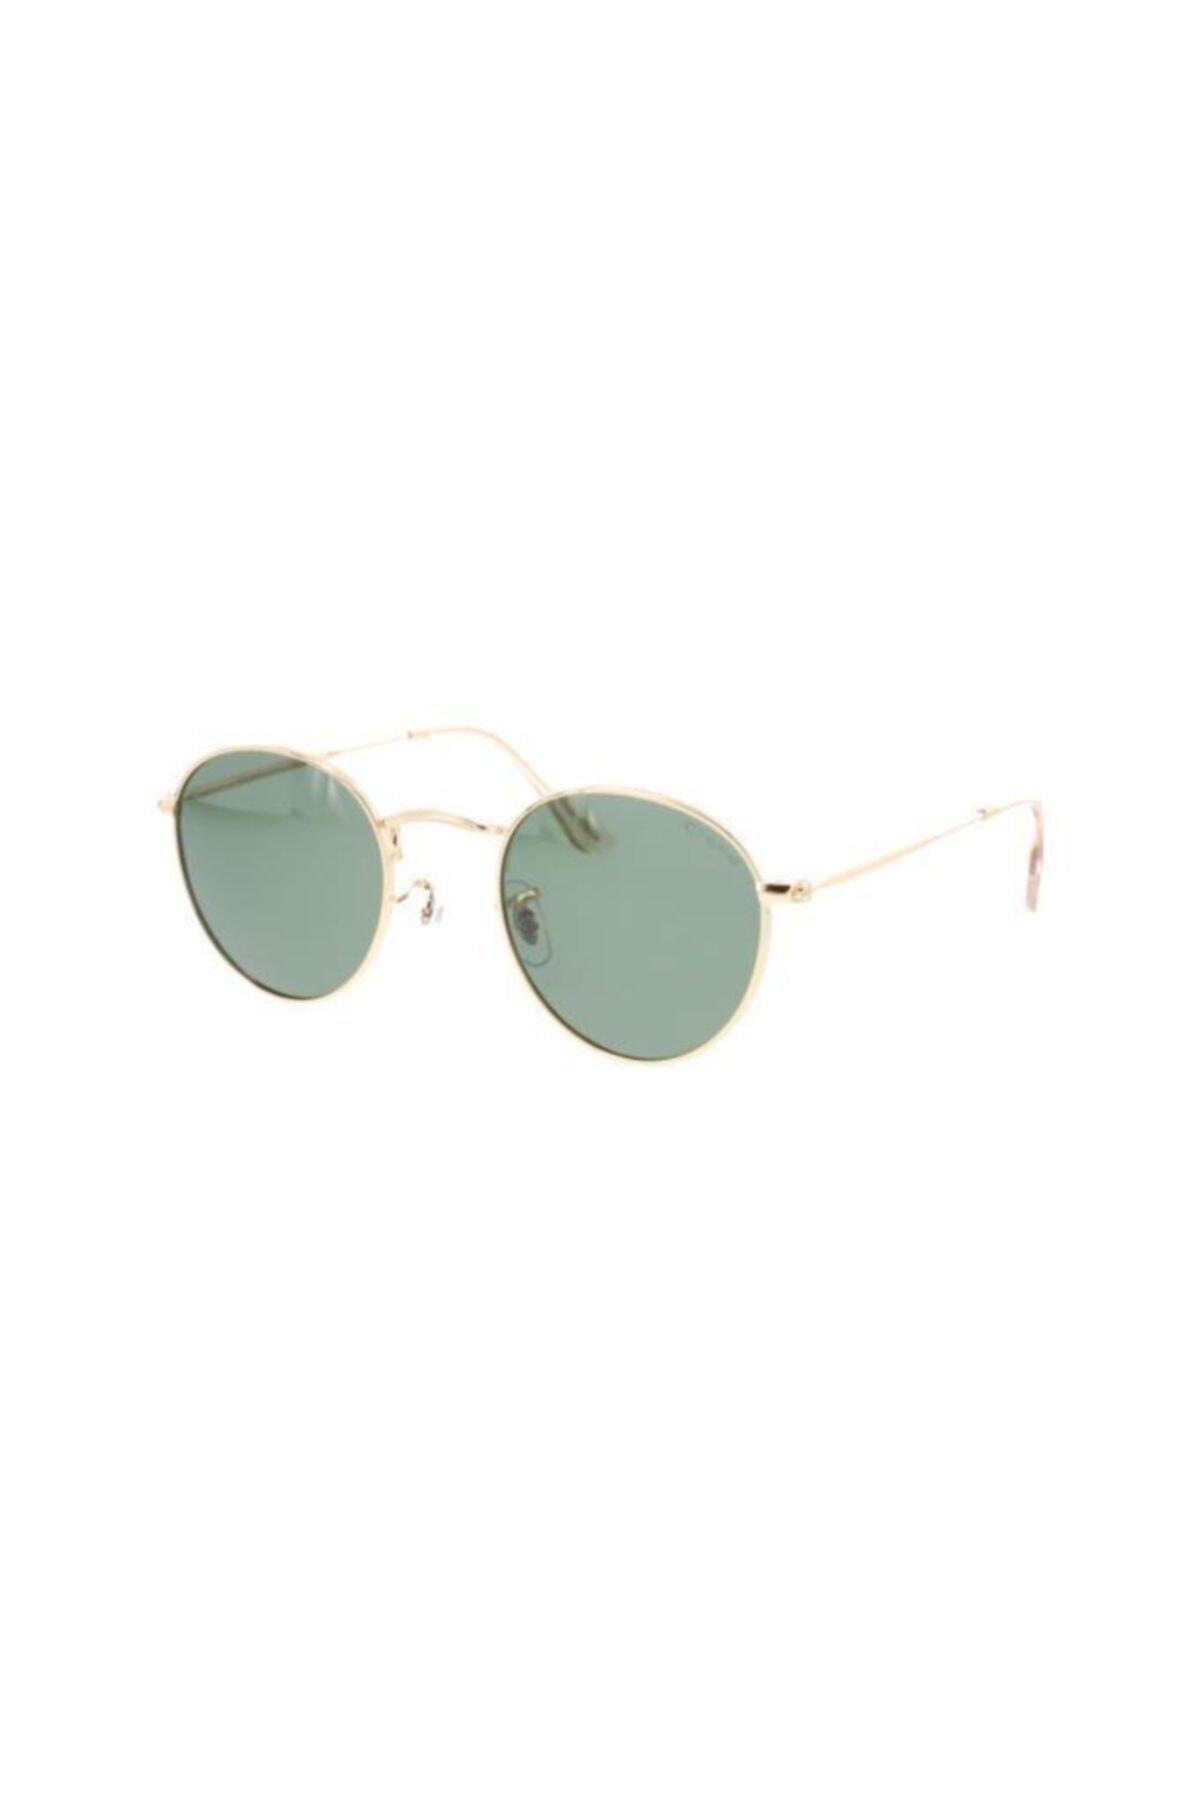 خرید عینک آفتابی بچه گانه دخترانه ست برند Osse Kids رنگ طلایی ty4949707